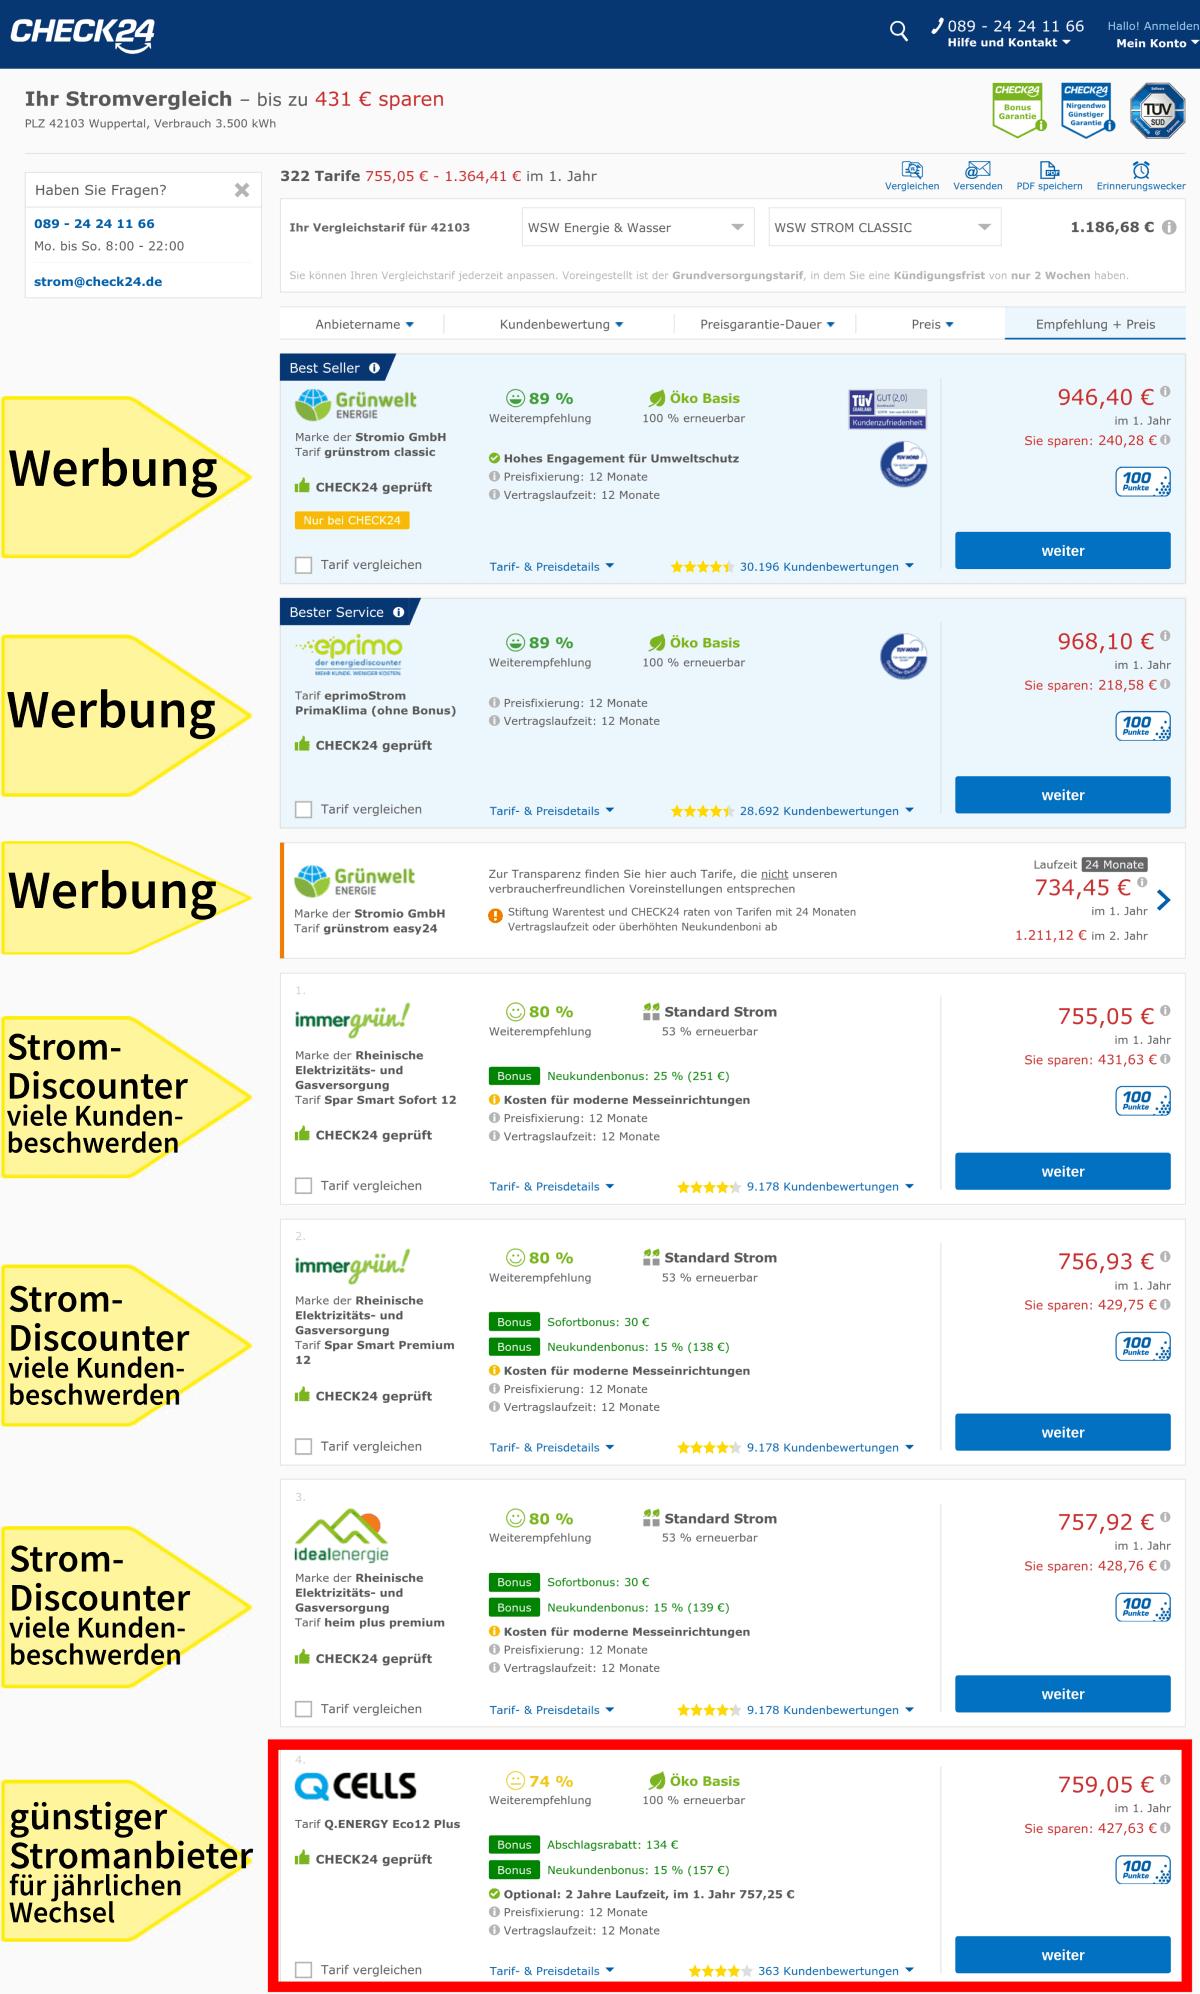 Stromanbieter jährlich wechseln in Wuppertal Vergleichsportal Check24 günstige Stromanbieter